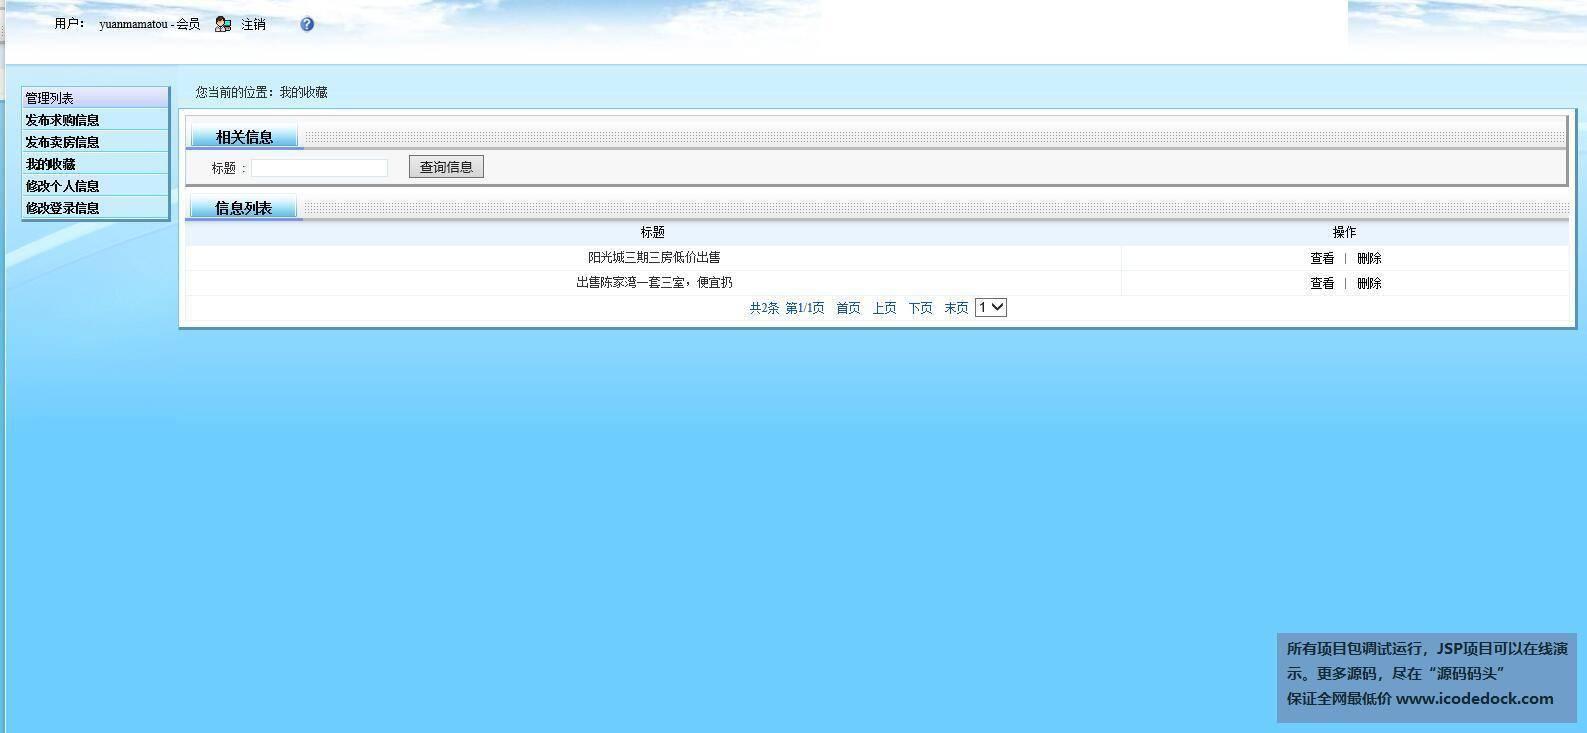 源码码头-SSH房屋线下销售网站管理系统-用户角色-信息中心-查看个人收藏